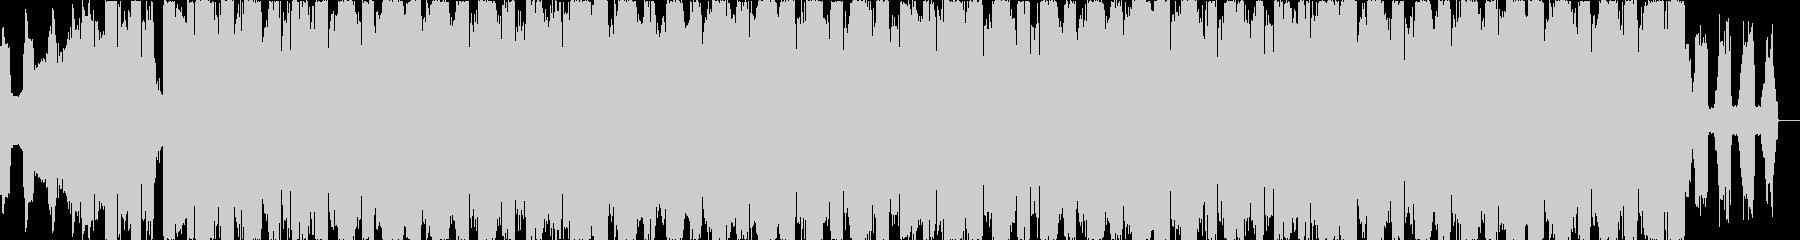 ゆらめくダンサンブルエレクトロニカEDMの未再生の波形